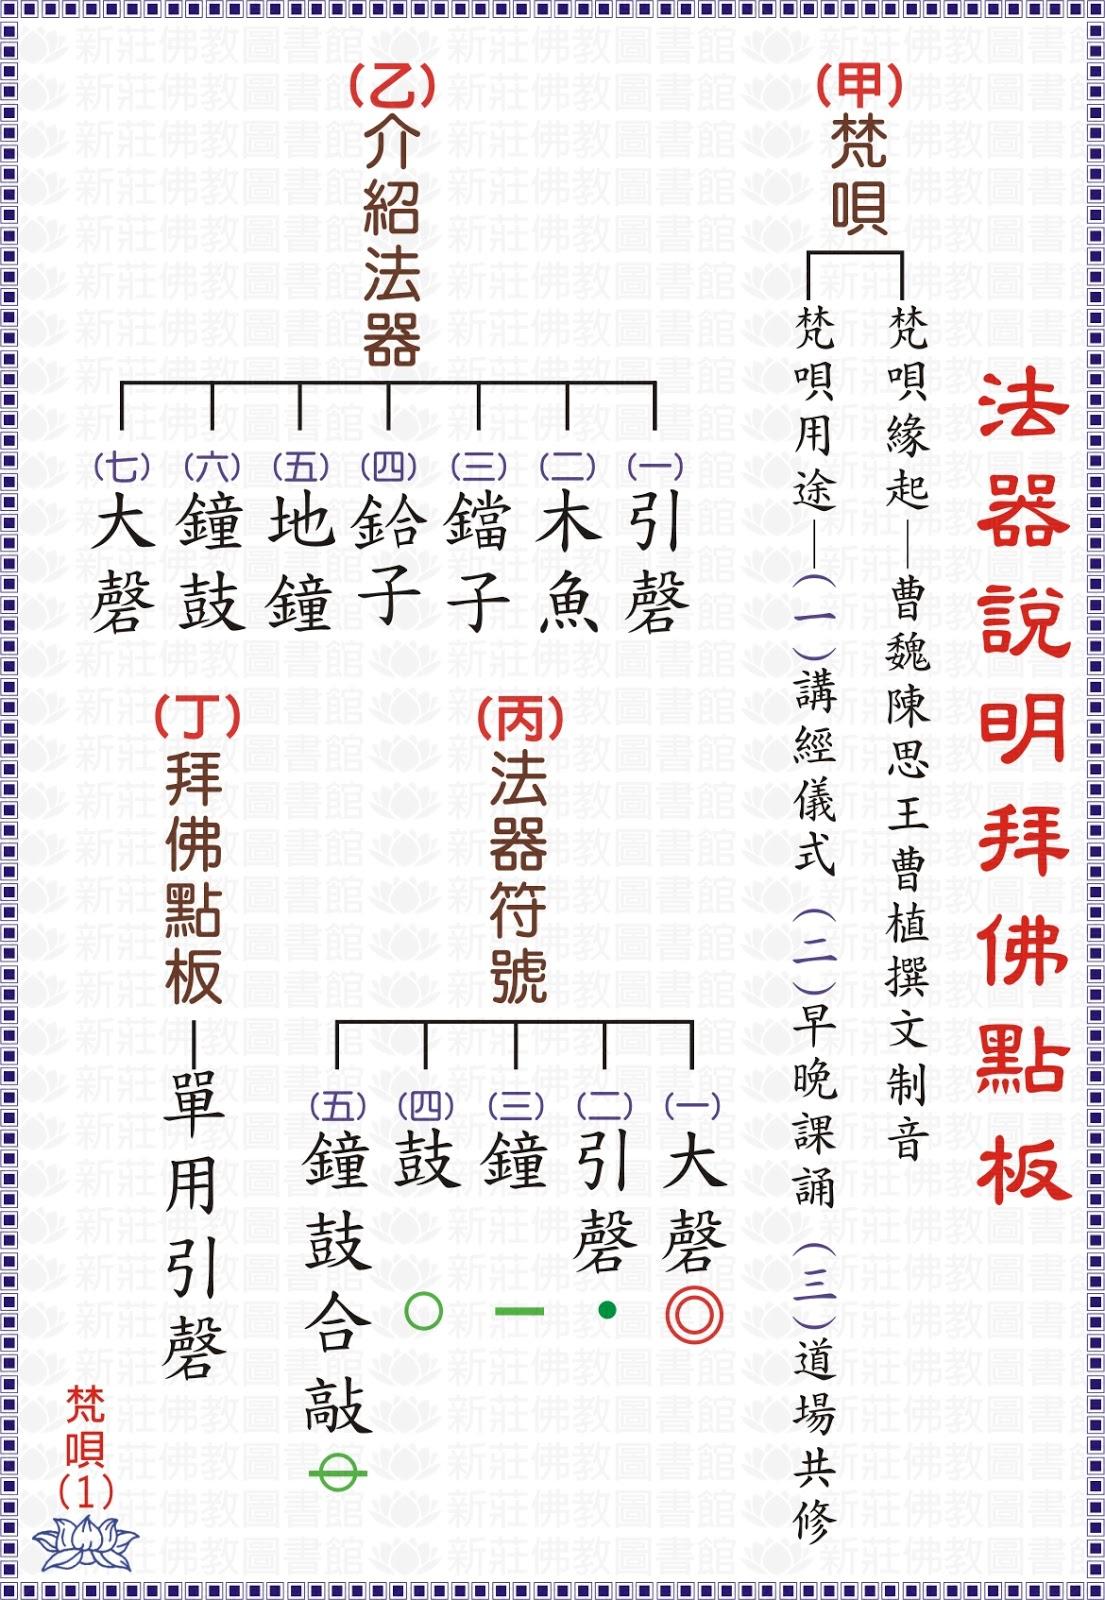 覺海虛空起 娑婆業浪流 : 梵唄板眼譜-01